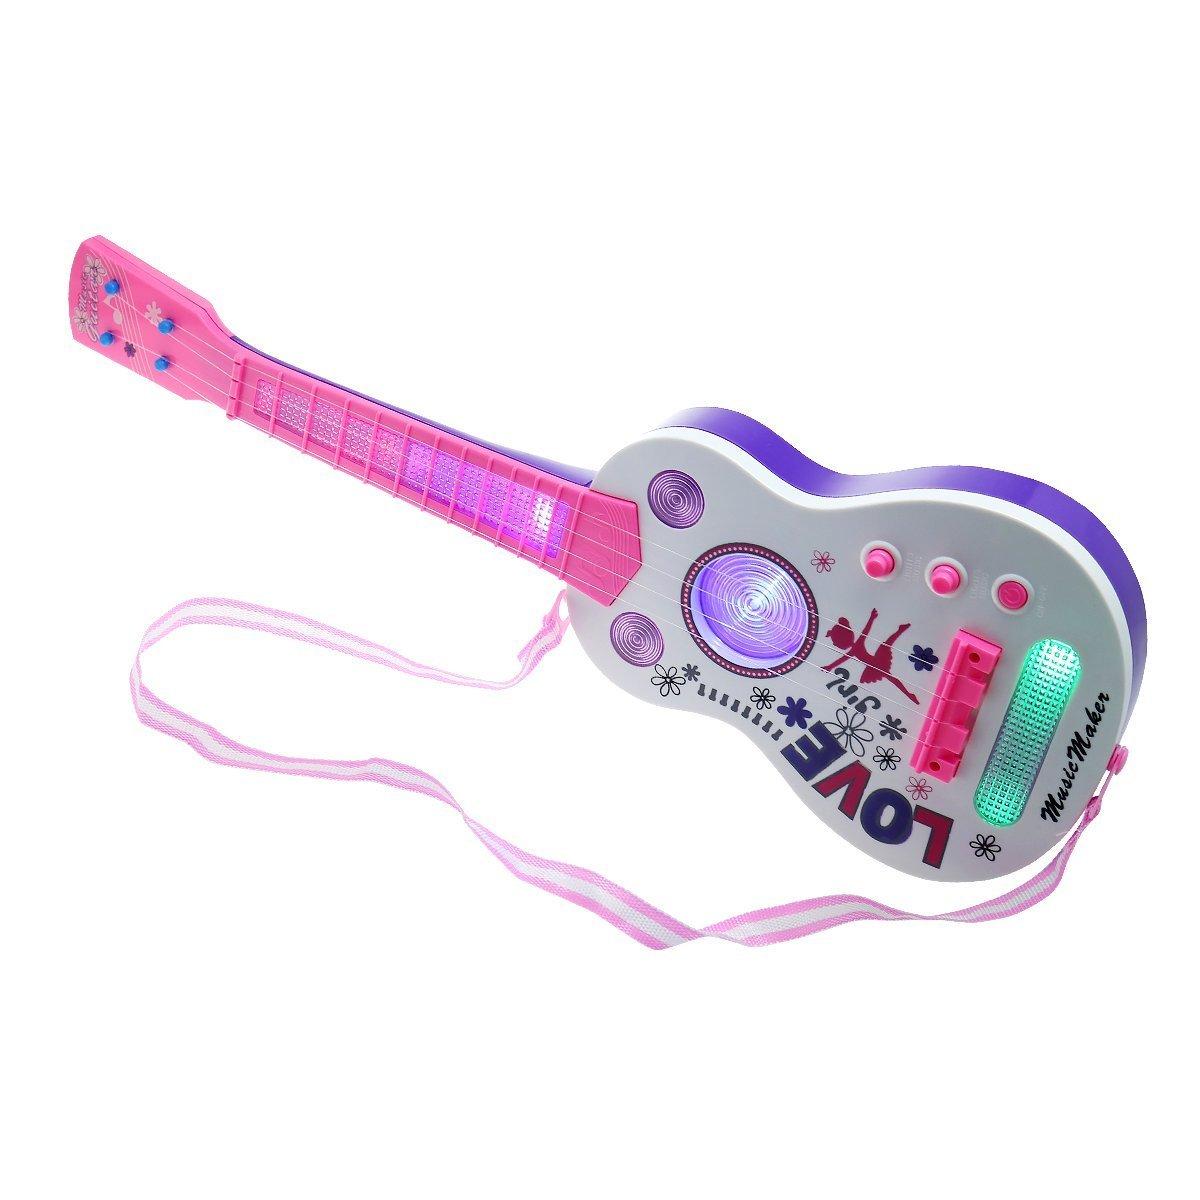 Guitarra eléctrica para niños, aPerfectLife Multi-función Niños Guitarra eléctrica 4 cuerdas Instrumentos musicales Juguete educativo Niños Rock Band Música ...